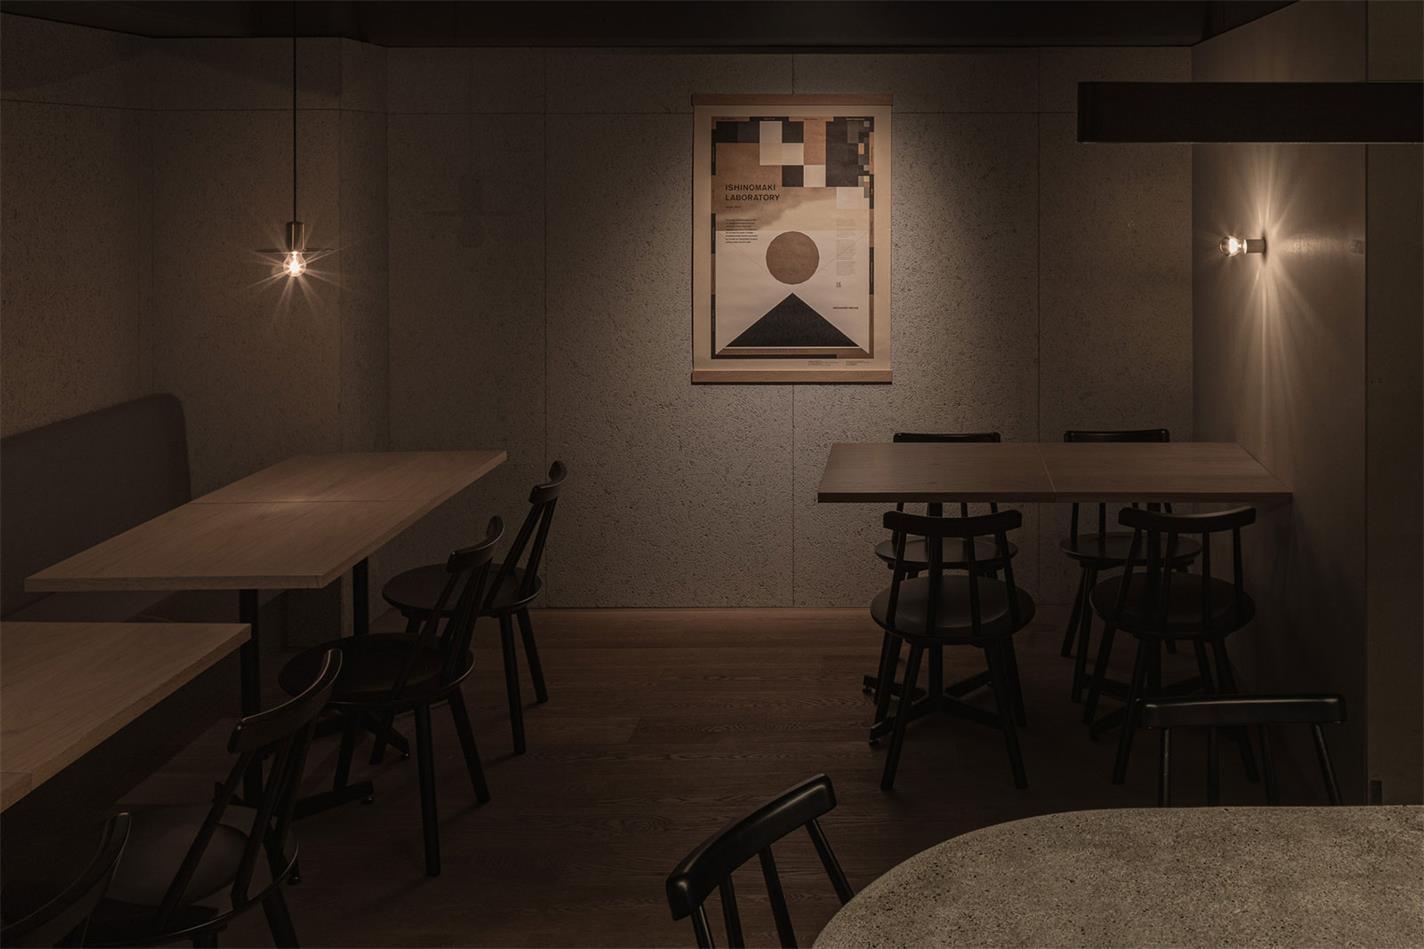 野兽派餐厅客座区灯光设计